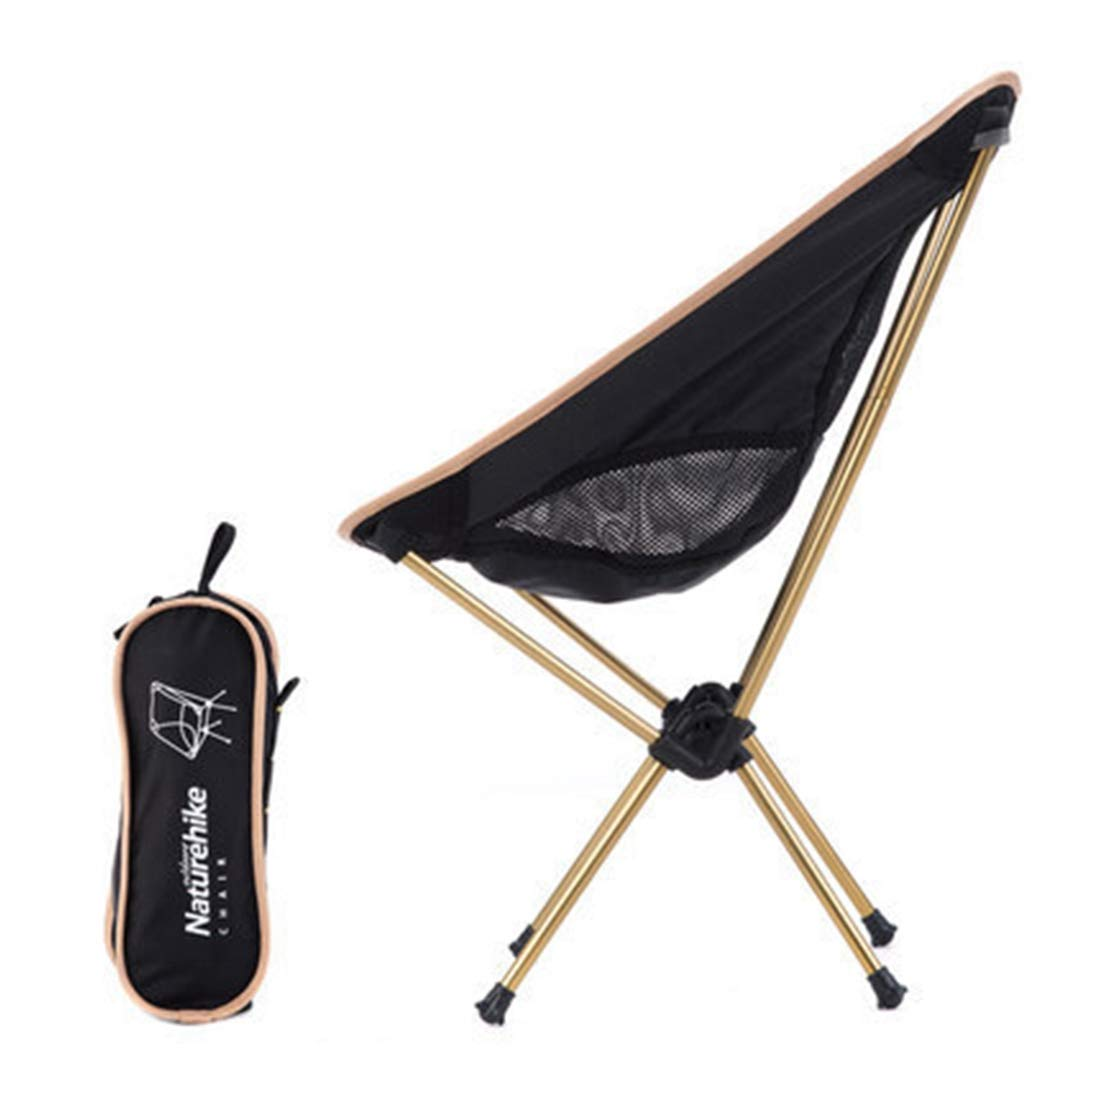 WEATLY Outdoor-Stuhl Faltbarer kompakter Stuhl Ultra-leichte Belastbarkeit 90kg Mit Spezialfall Angeln Klettern Mobile bequemes Lager BBQ einfache Lagerung